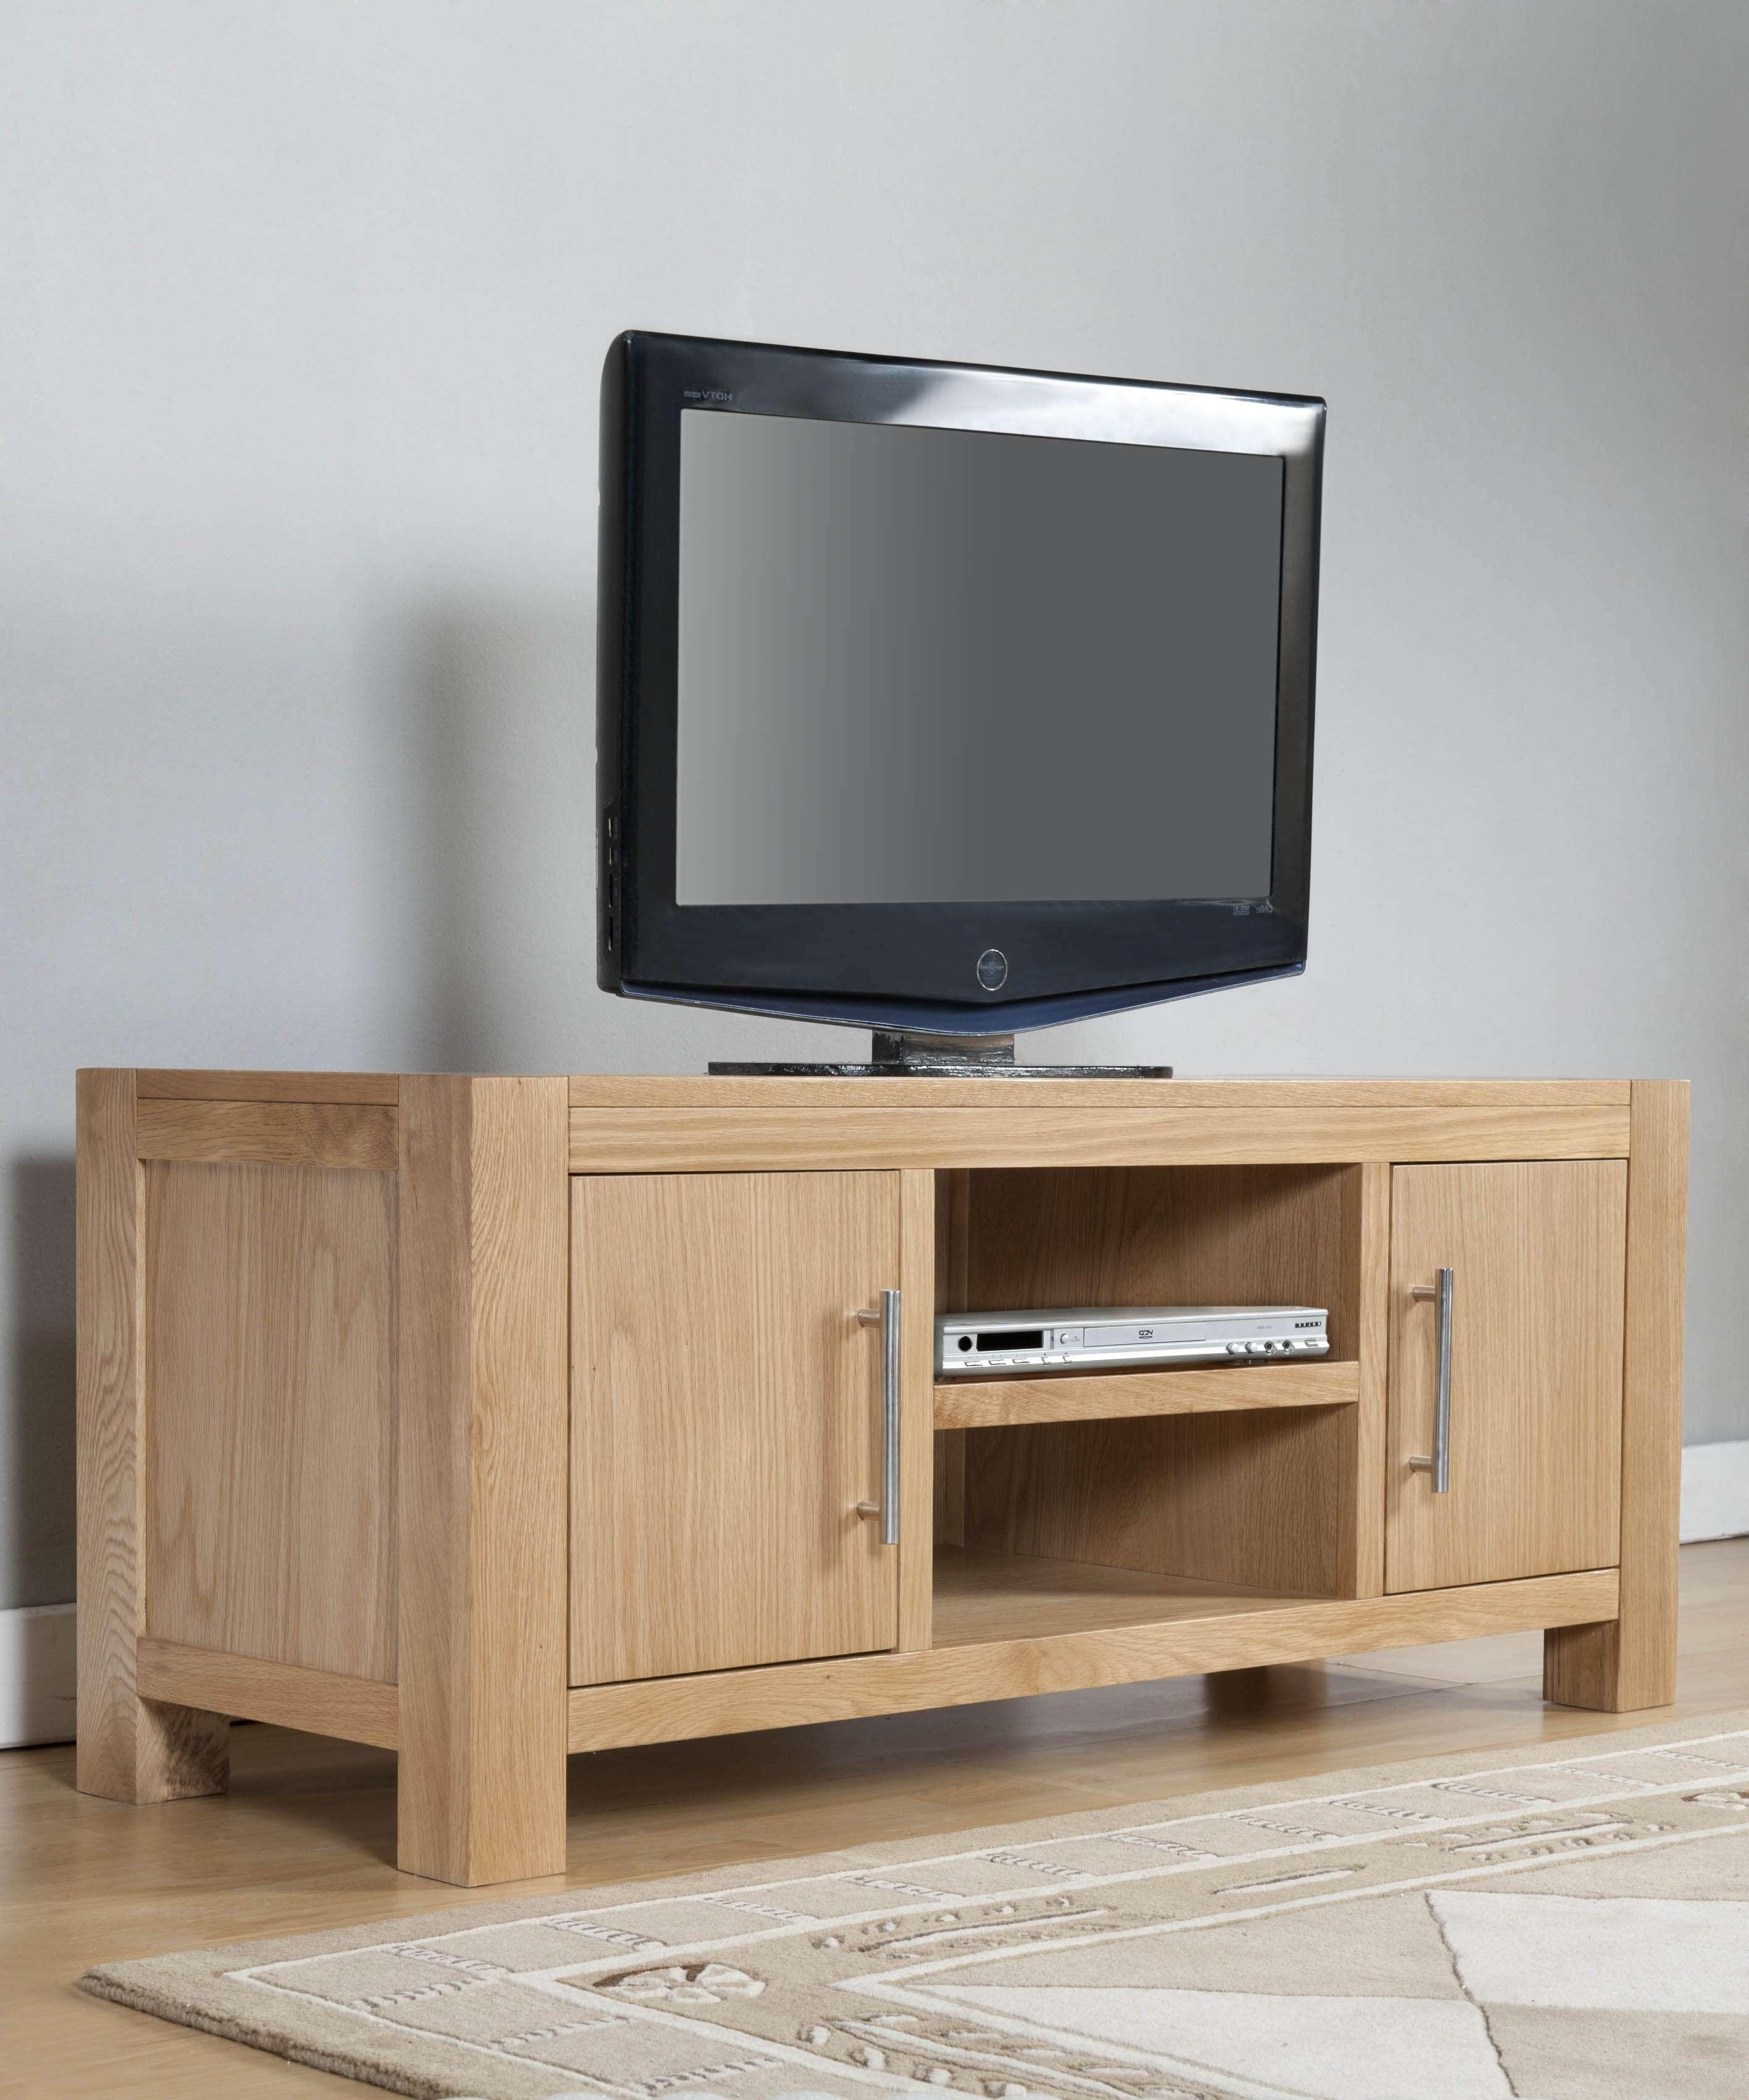 Milano Oak 2 Door Tv Stand With Shelf   Oak Furniture Solutions Regarding Oak Tv Cabinets With Doors (View 6 of 20)